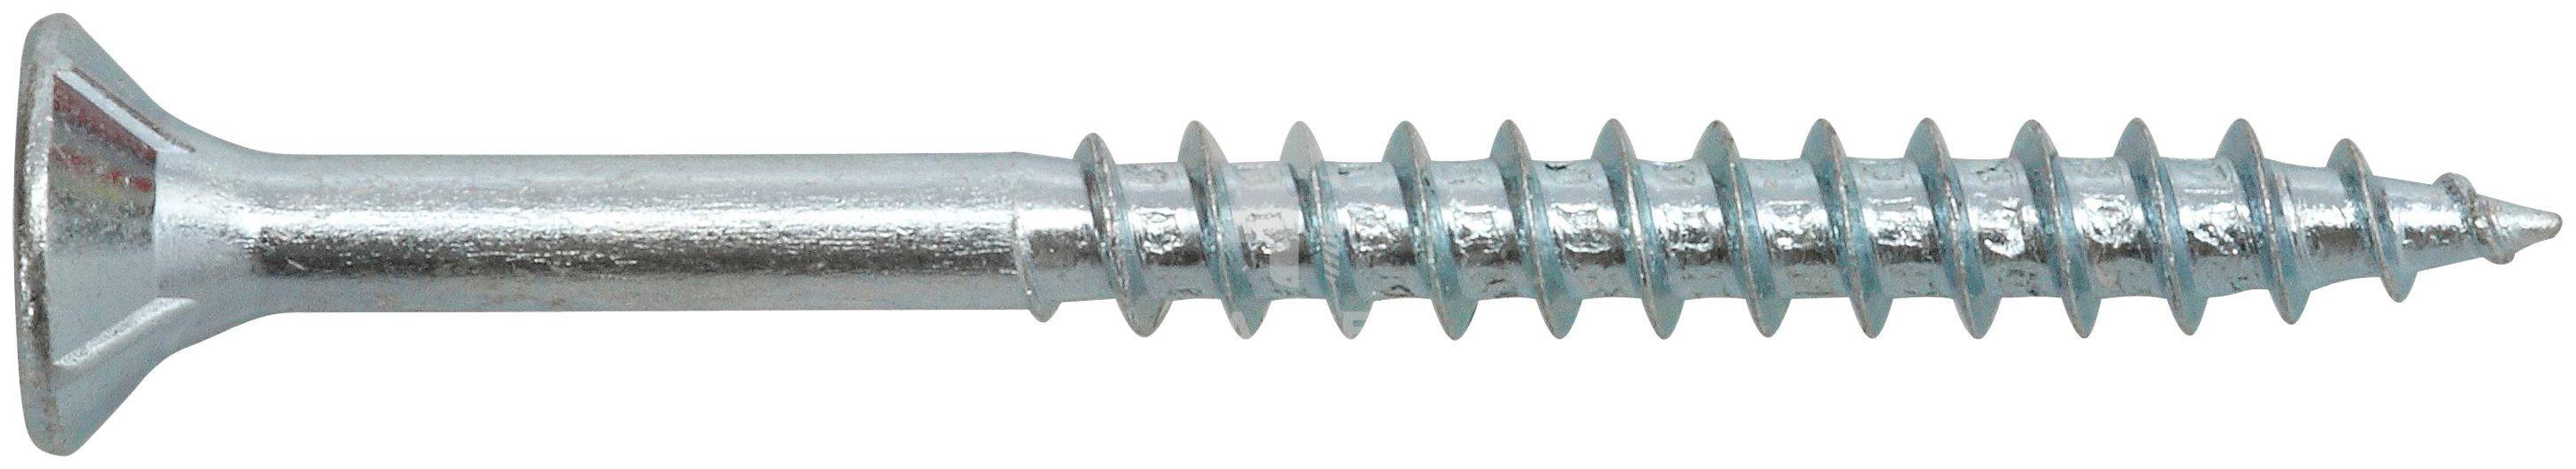 RAMSES Schrauben , Spanplattenschrauben 5 x 120 mm 20 Stk.